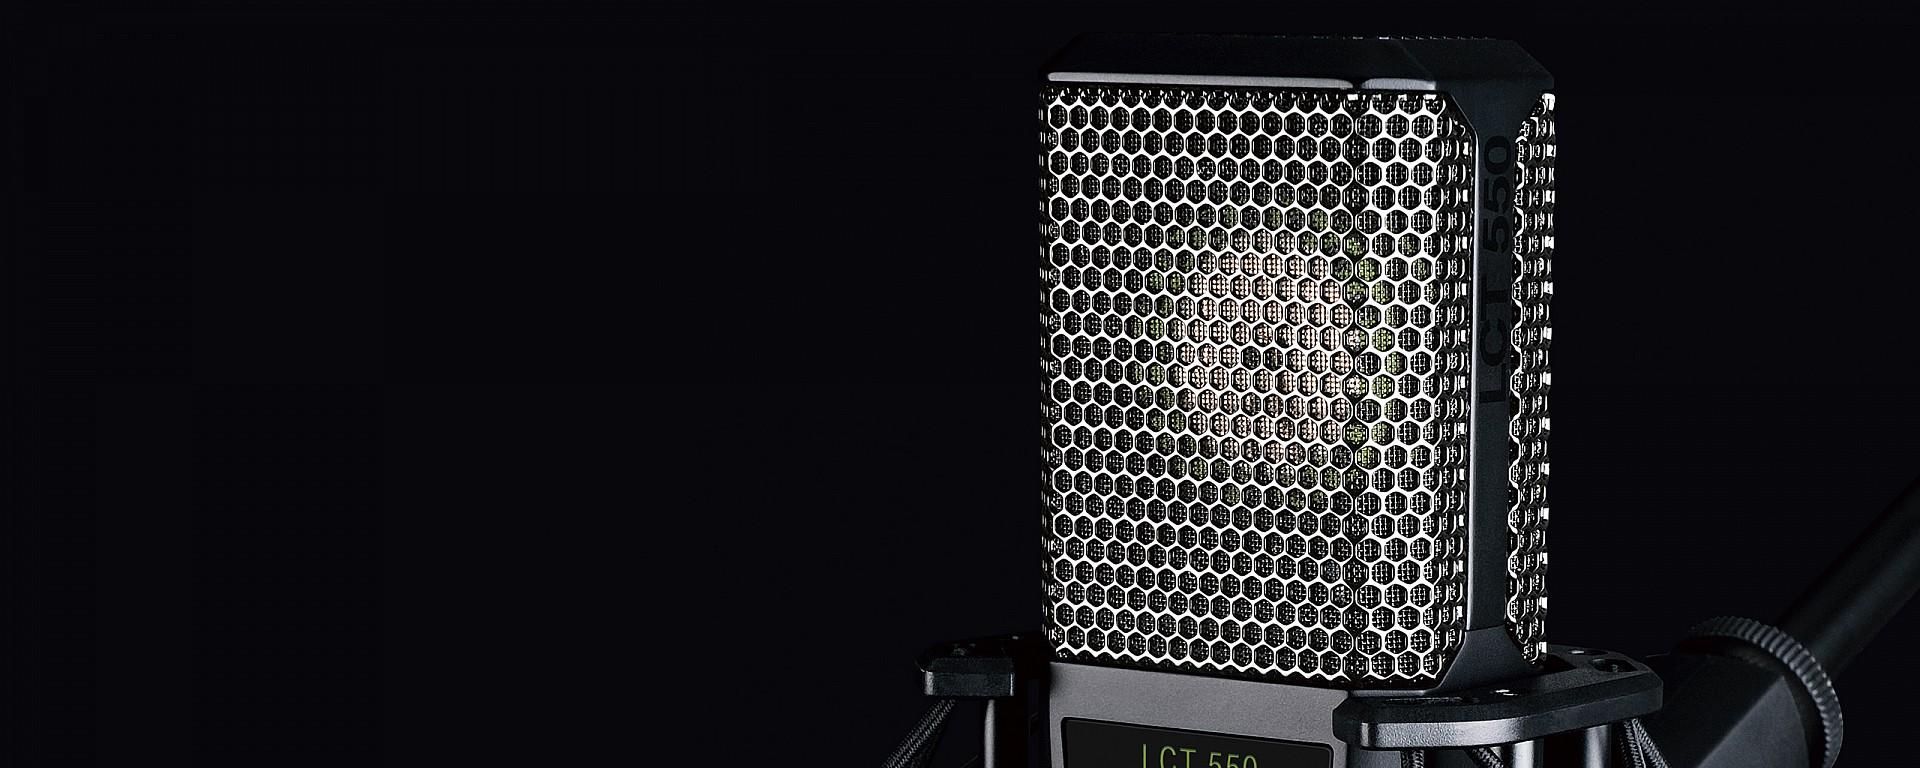 LEWITT コンデンサーマイク LCTシリーズをピックアップ